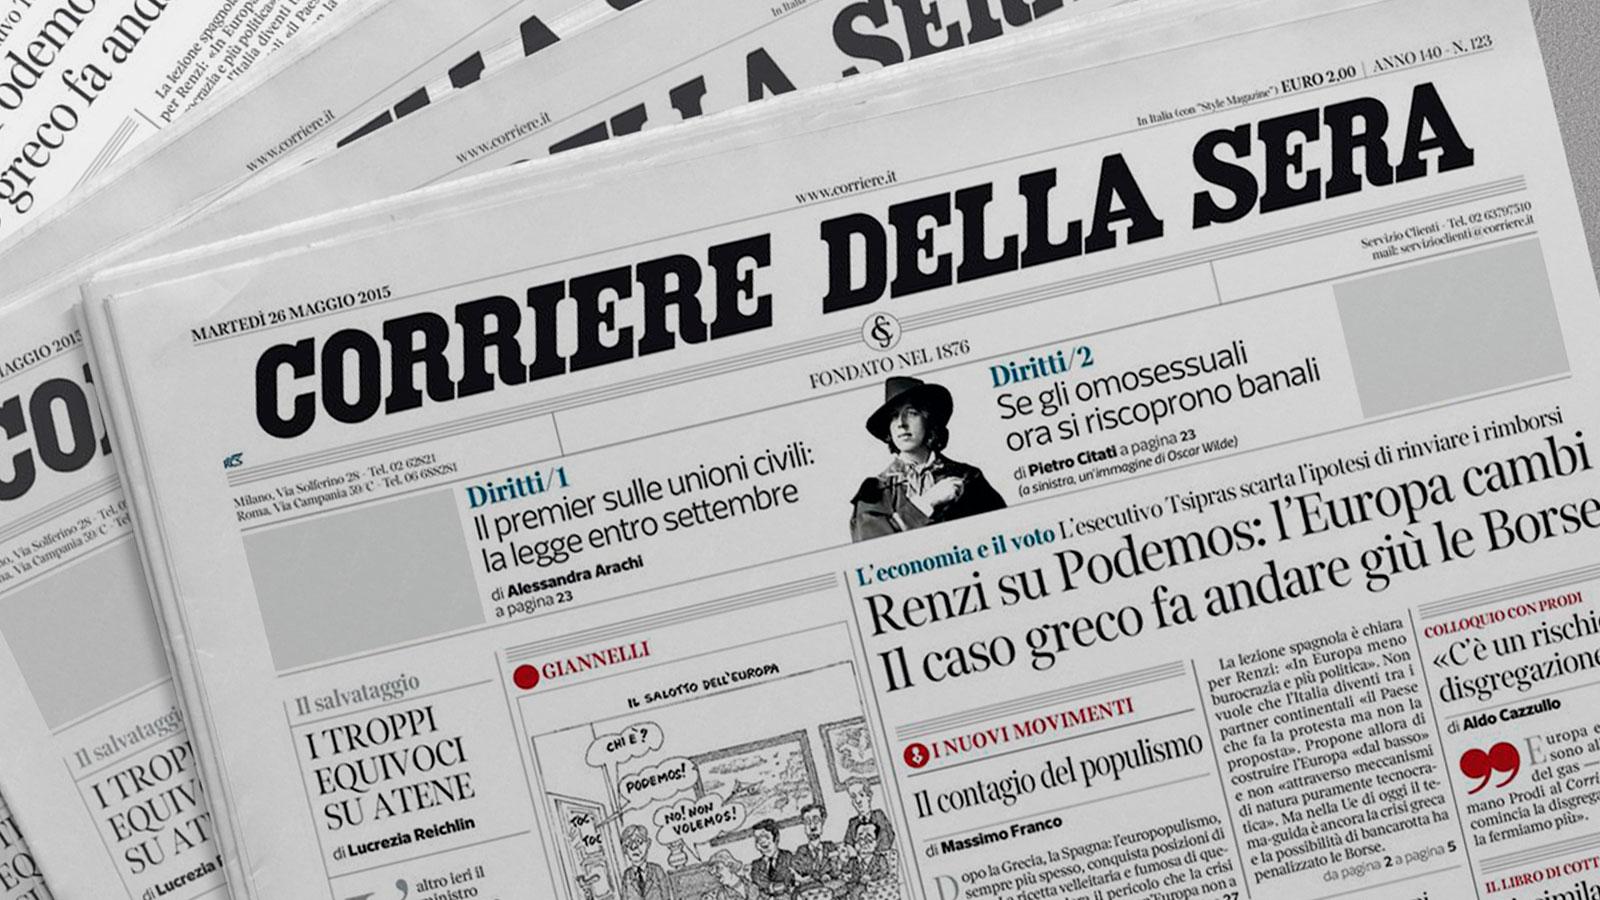 Corriere della Sera: Capelli e nuove tendenze. Intervista all' Hair Stylist Daniele Maisto